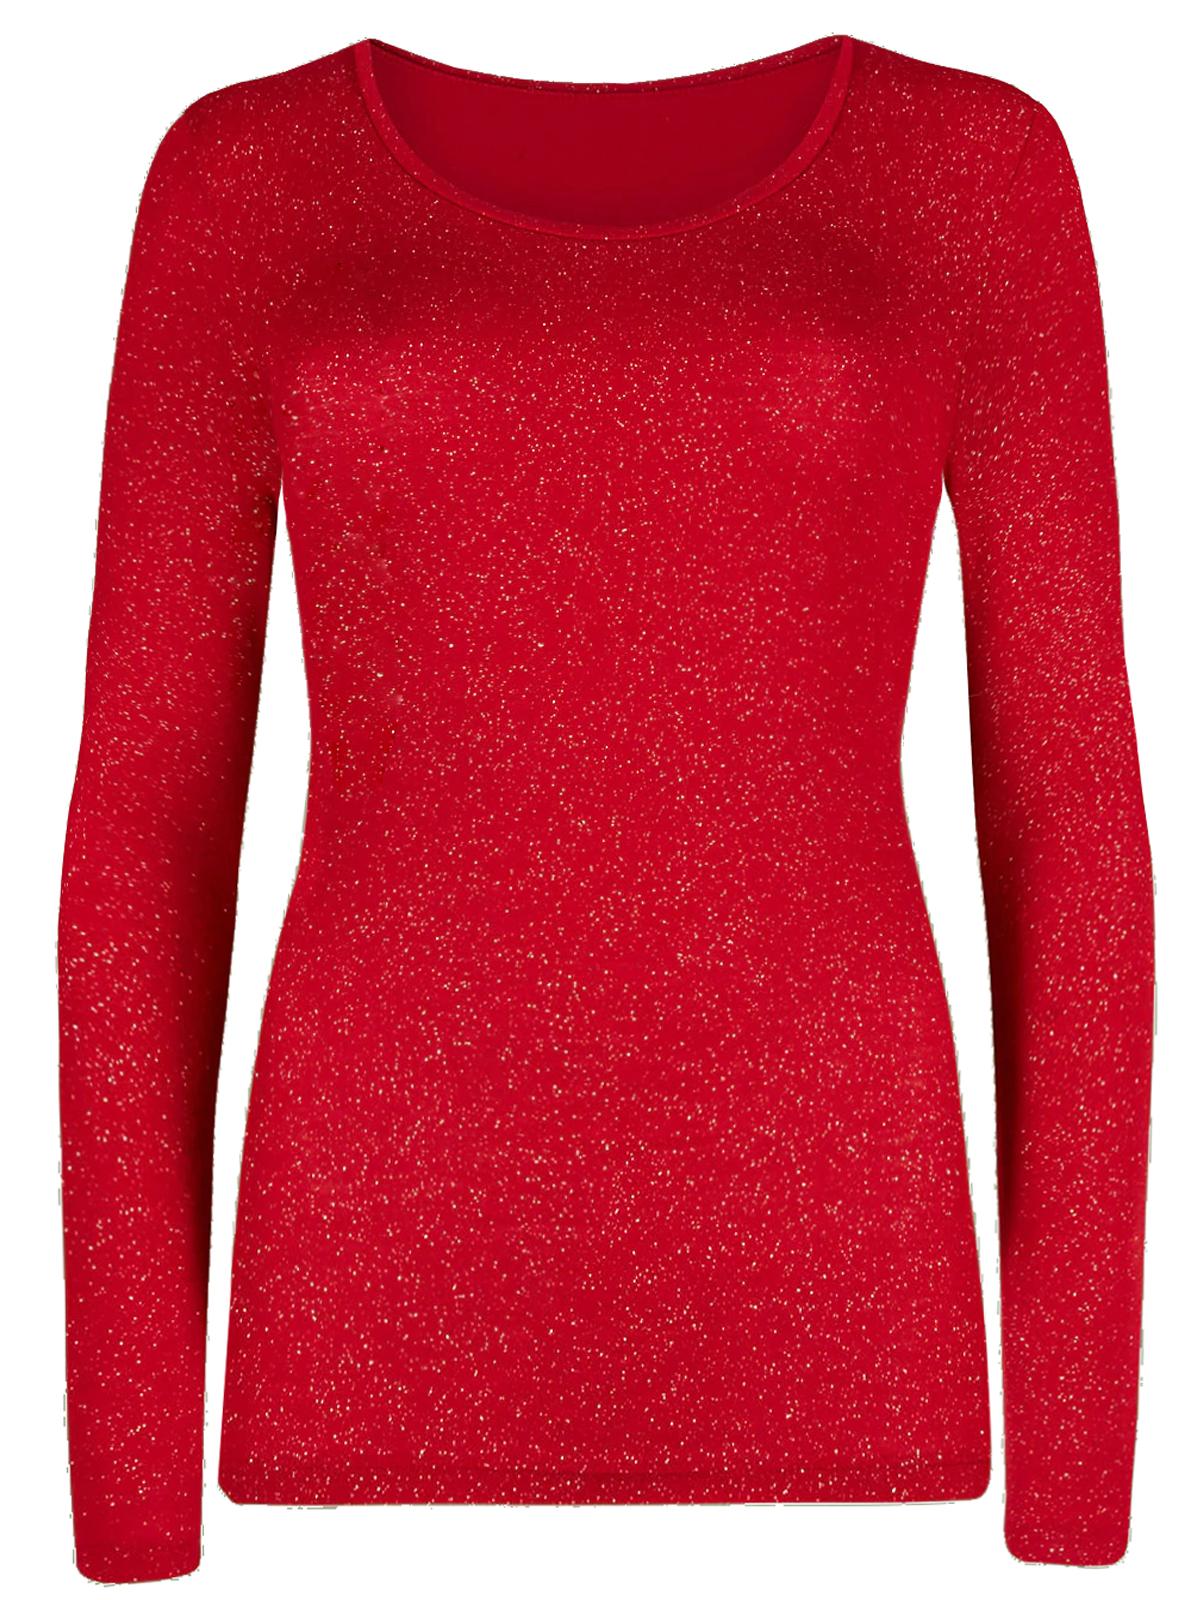 Marks /& Spencer Womens Velvet Heatgen Long Sleeve New M/&S Soft Warm Thermal Tops